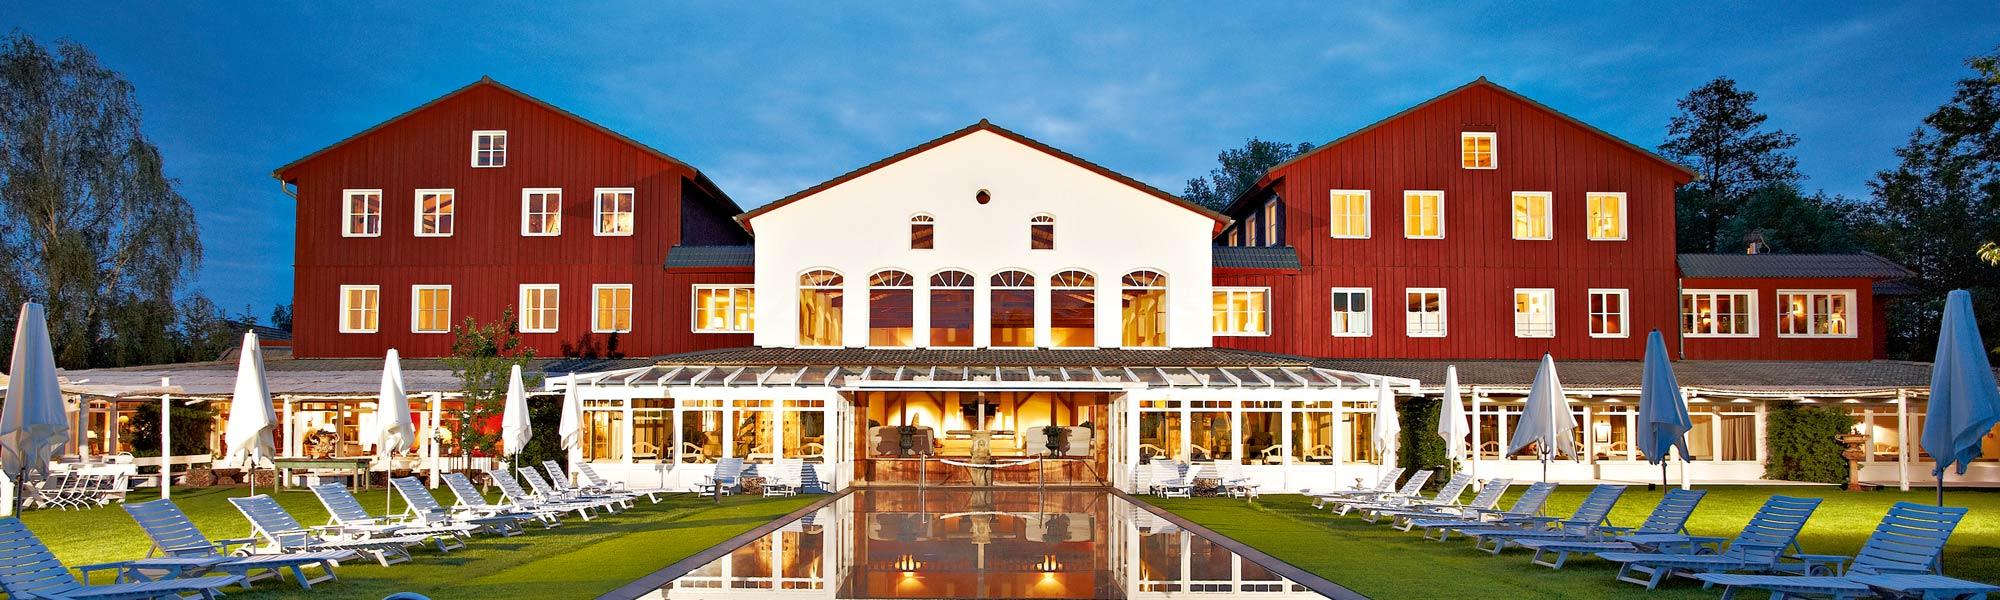 Fasten Hotel Wellness